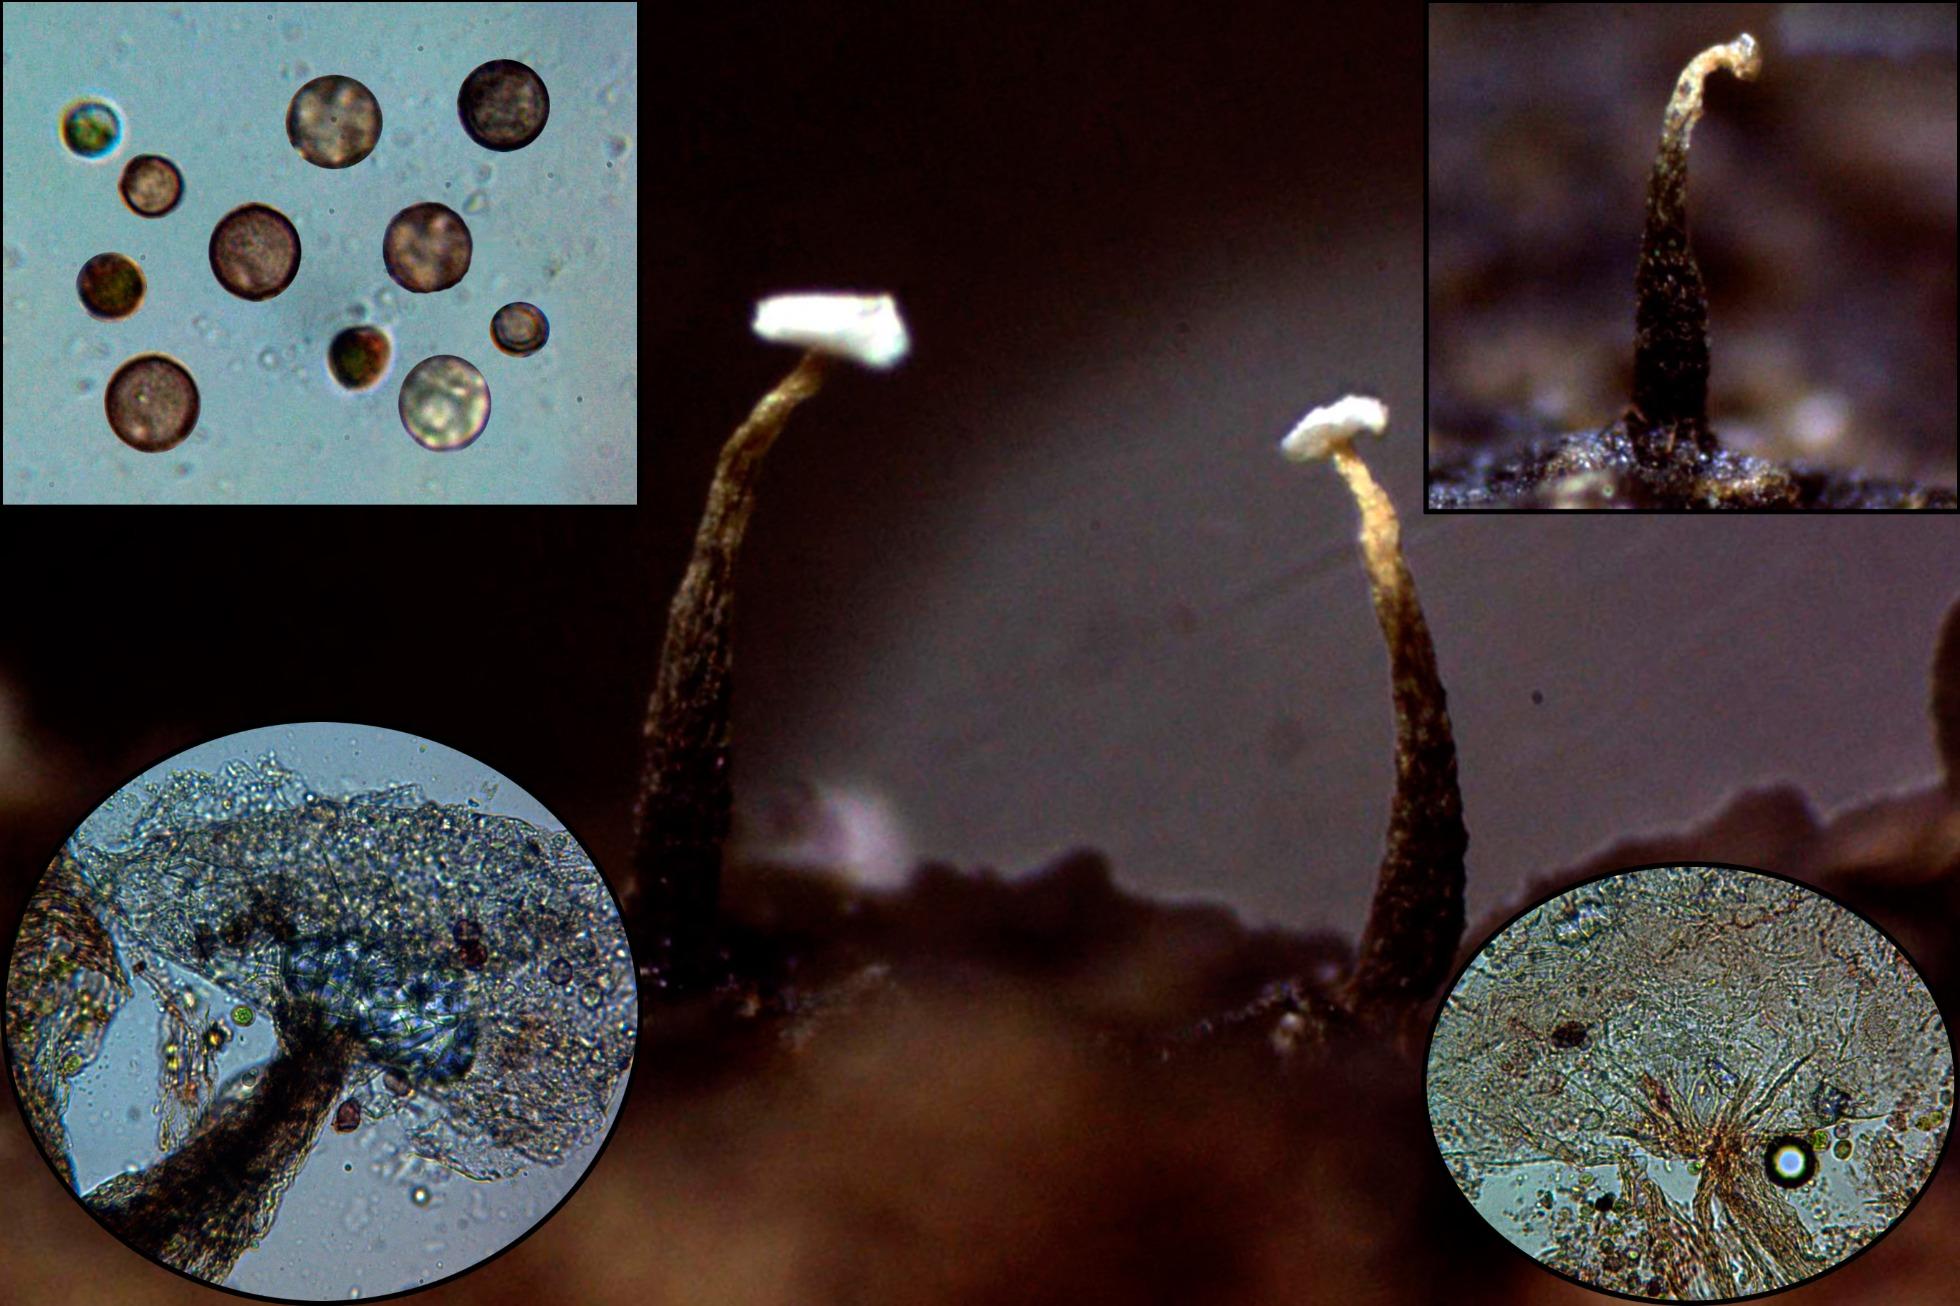 Echinosteliumminutump.jpg